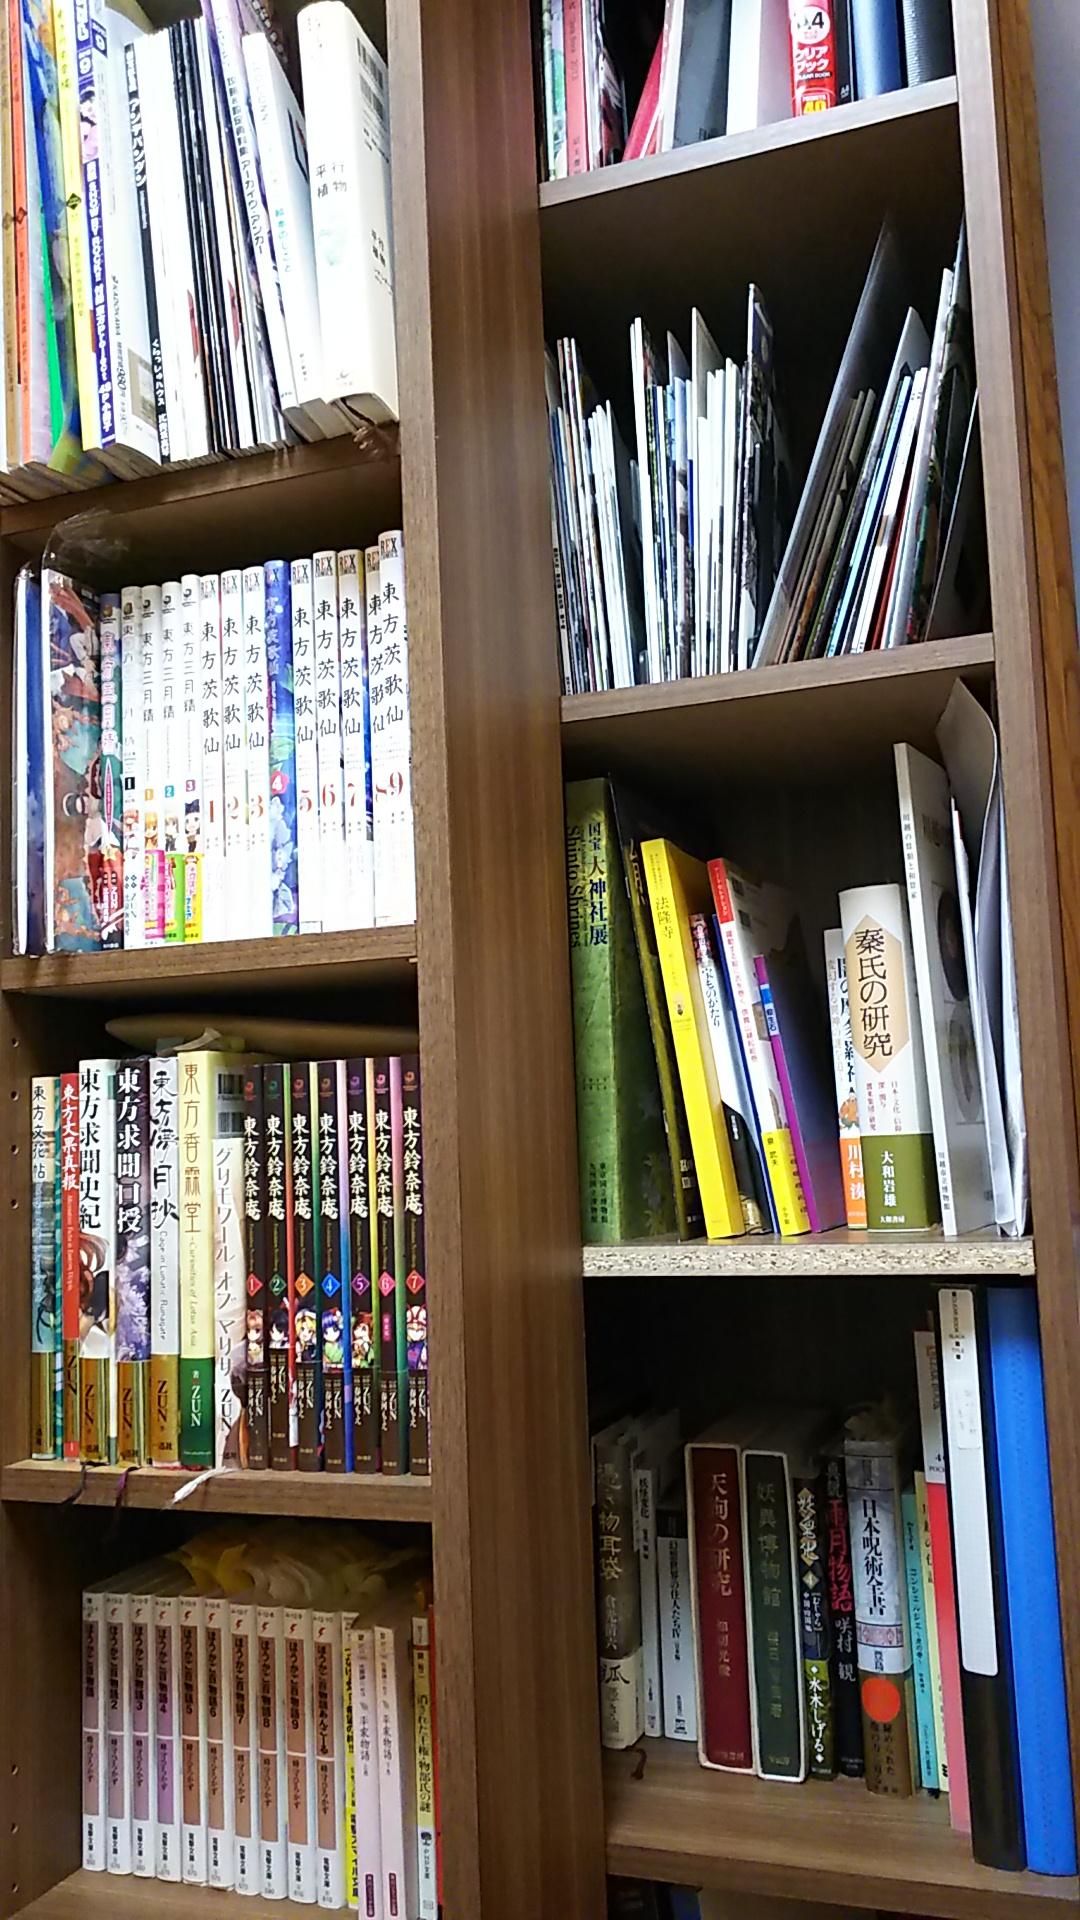 購入した本棚の一部 その1